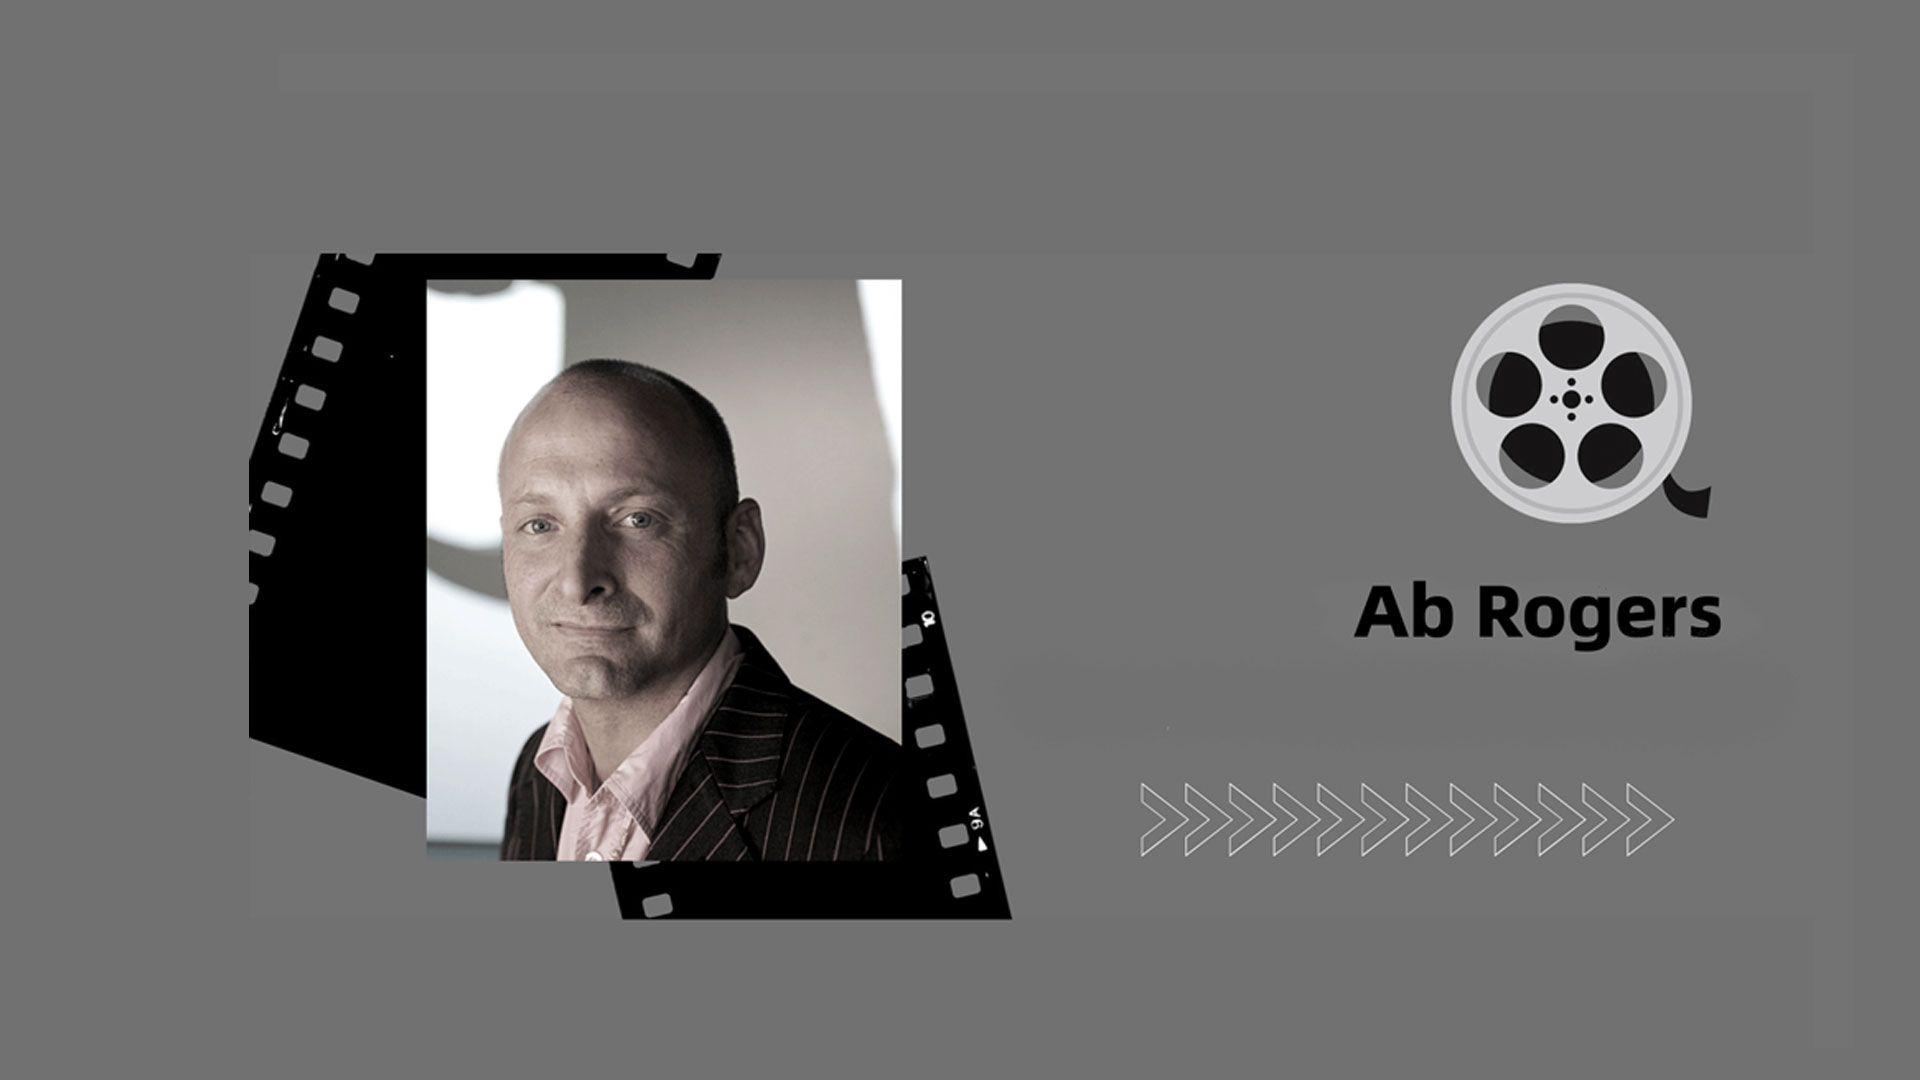 论坛视频回顾丨英国知名室内设计师 Ab Rogers:在五彩斑斓世界的多样性设计